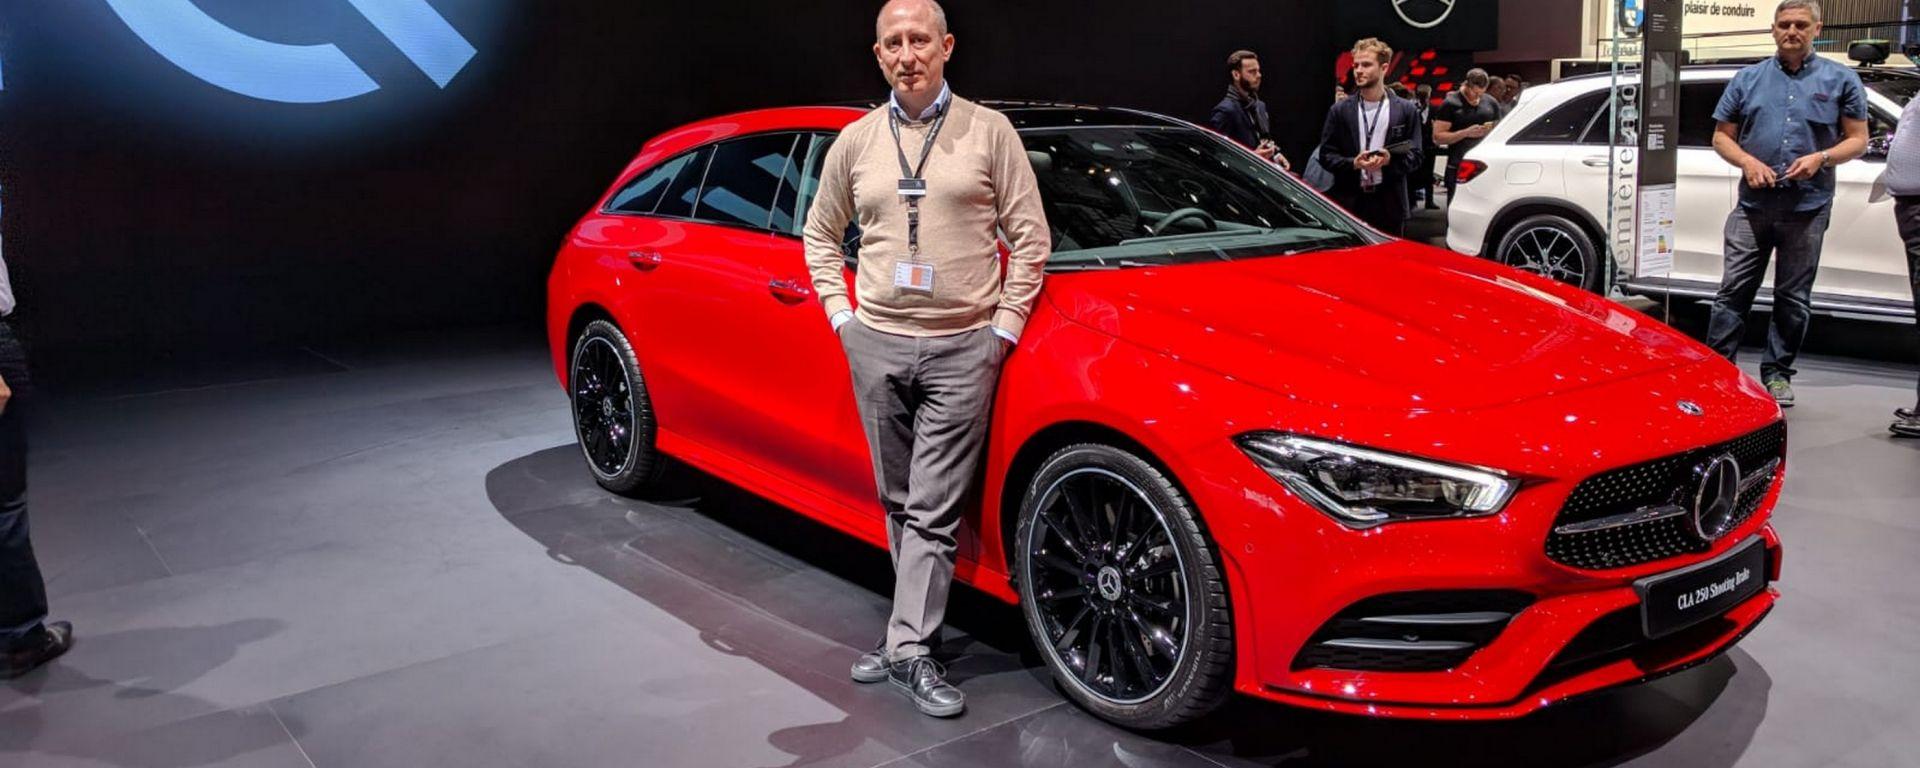 Salone di Ginevra 2019, le novità allo stand Mercedes